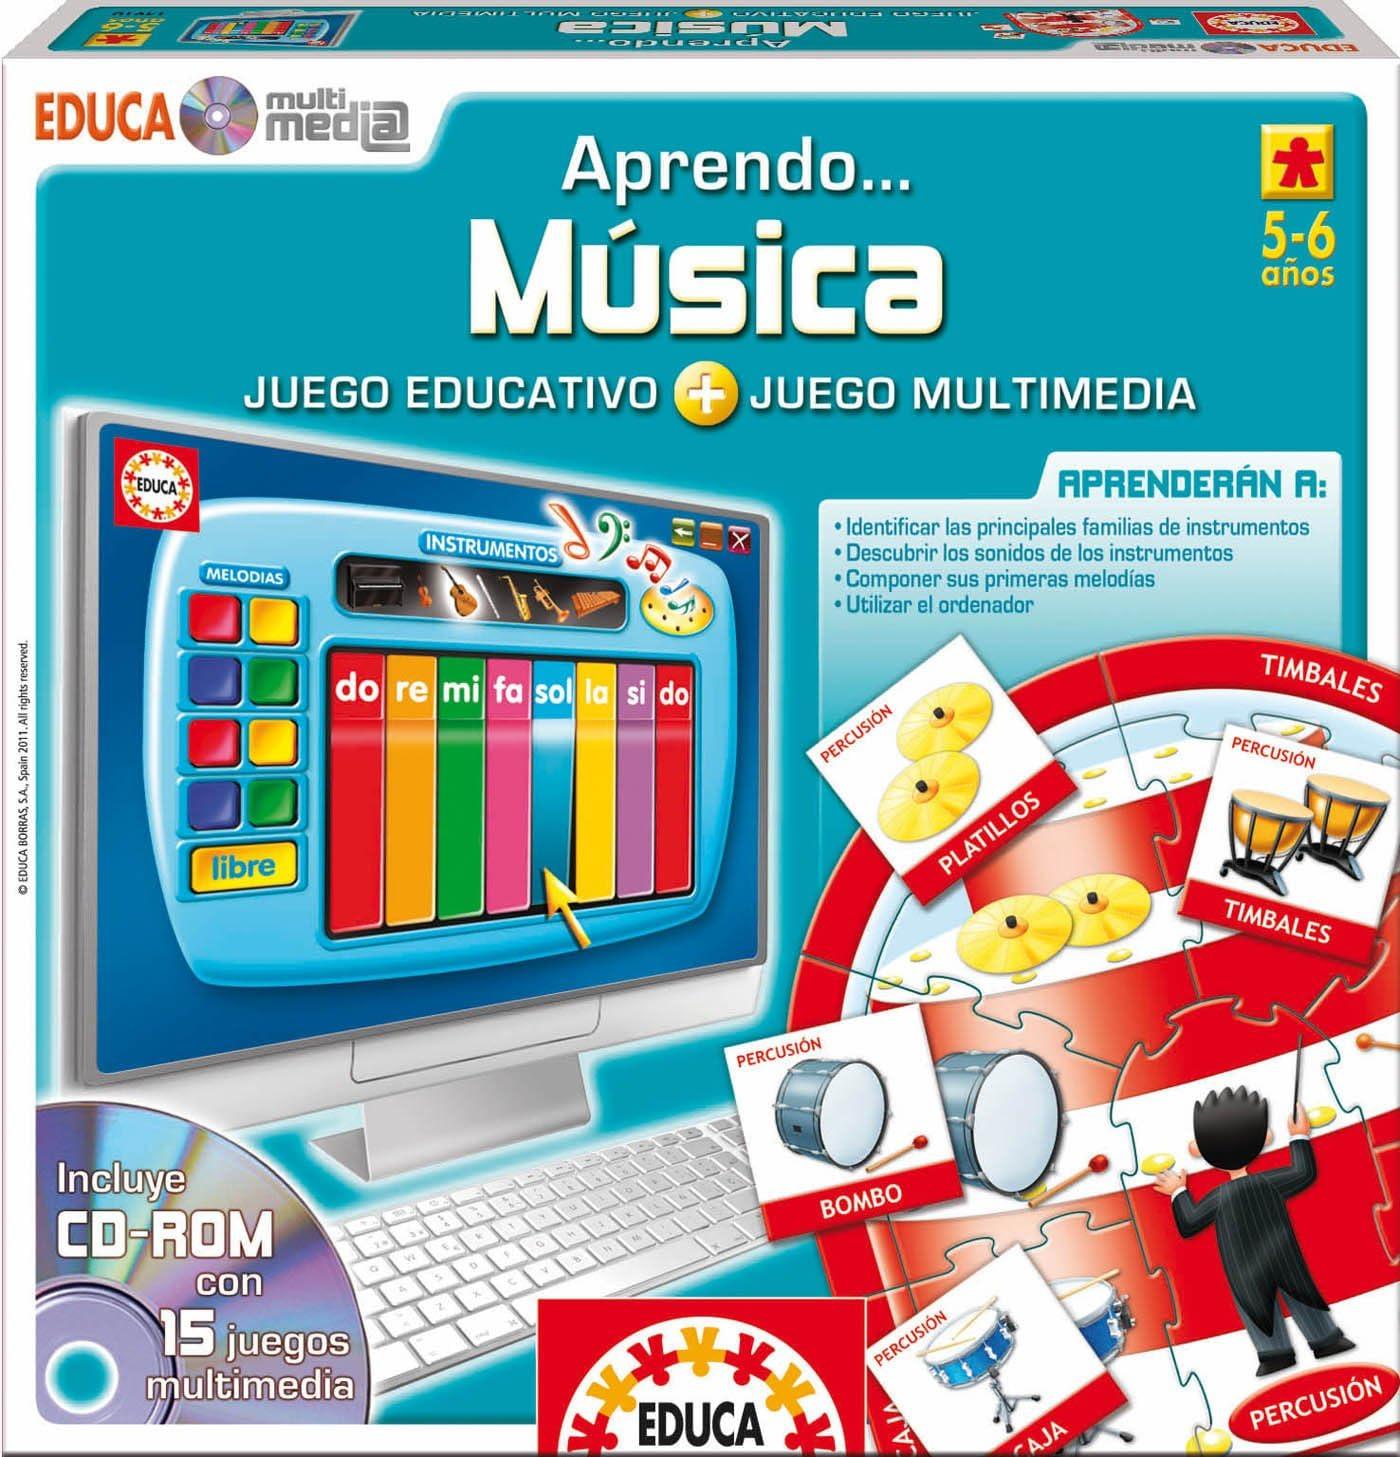 Educa Borrás 14910 - Educa Multimedia Música: Amazon.es: Juguetes y juegos